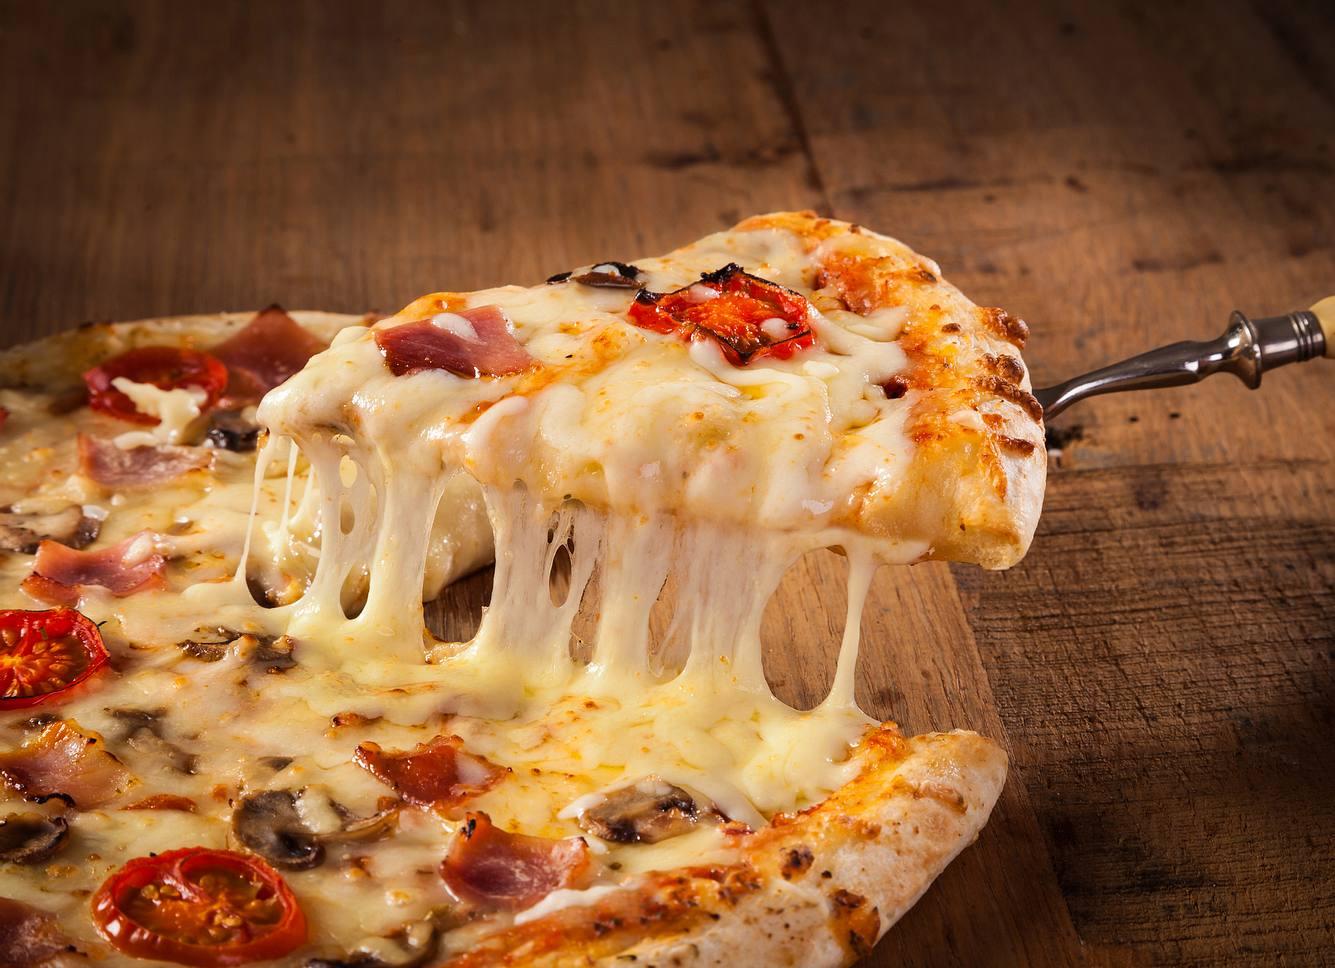 Grillpizza